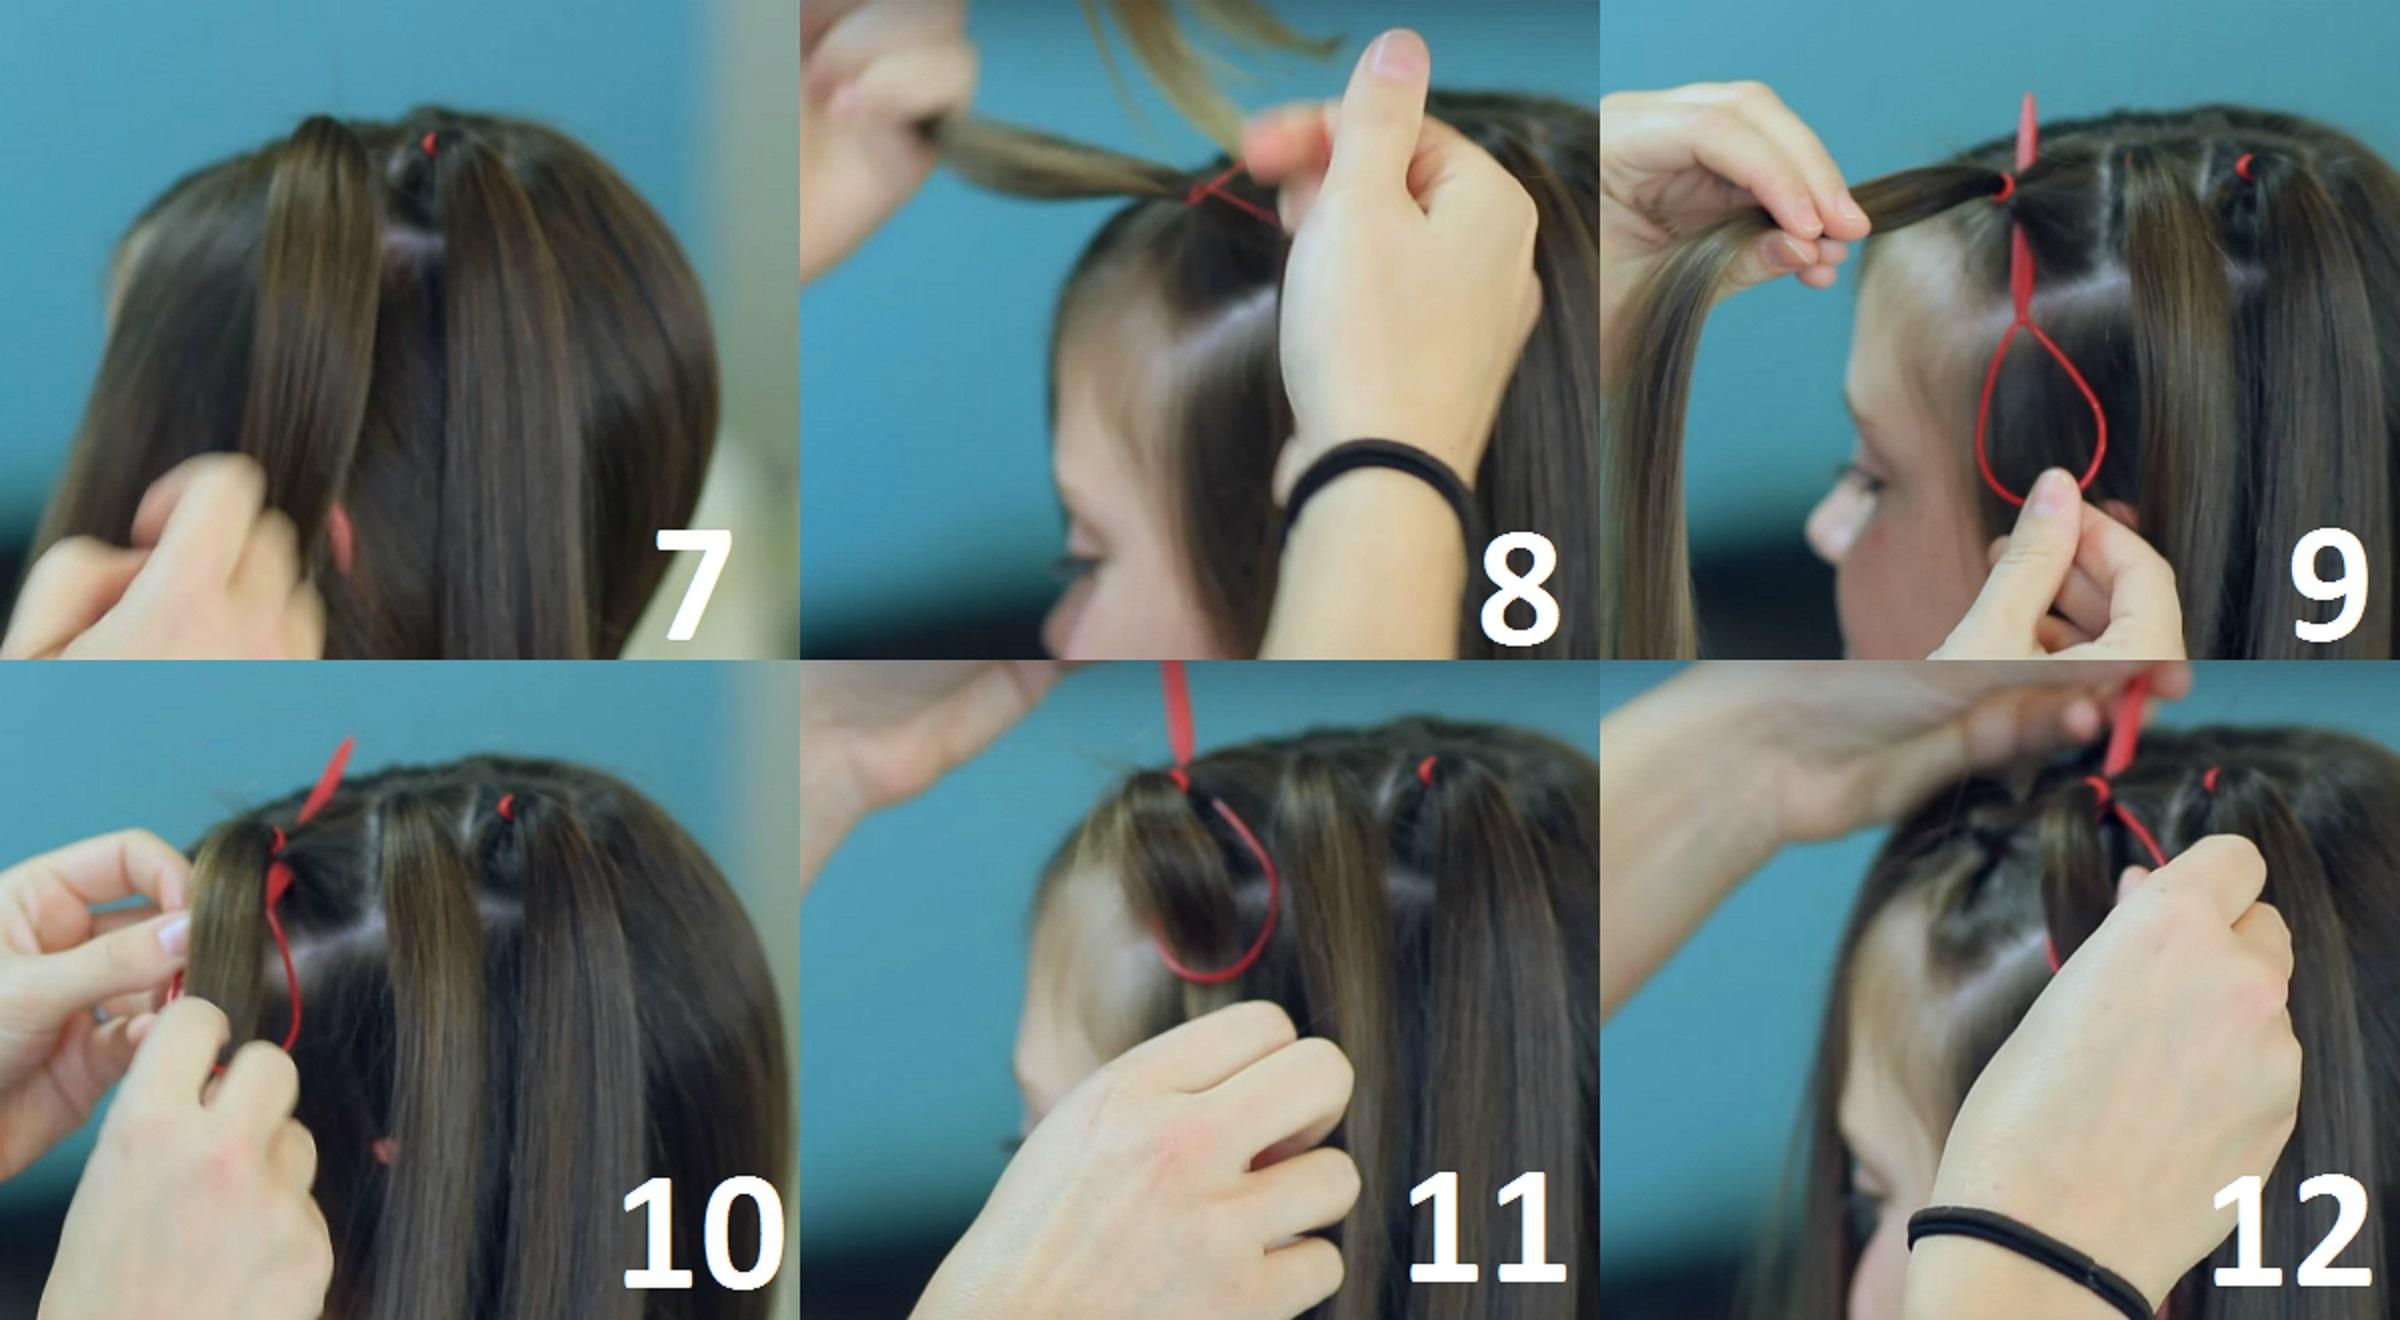 Петля для волос : 10 легких причесок с помощью петли (фото) 14